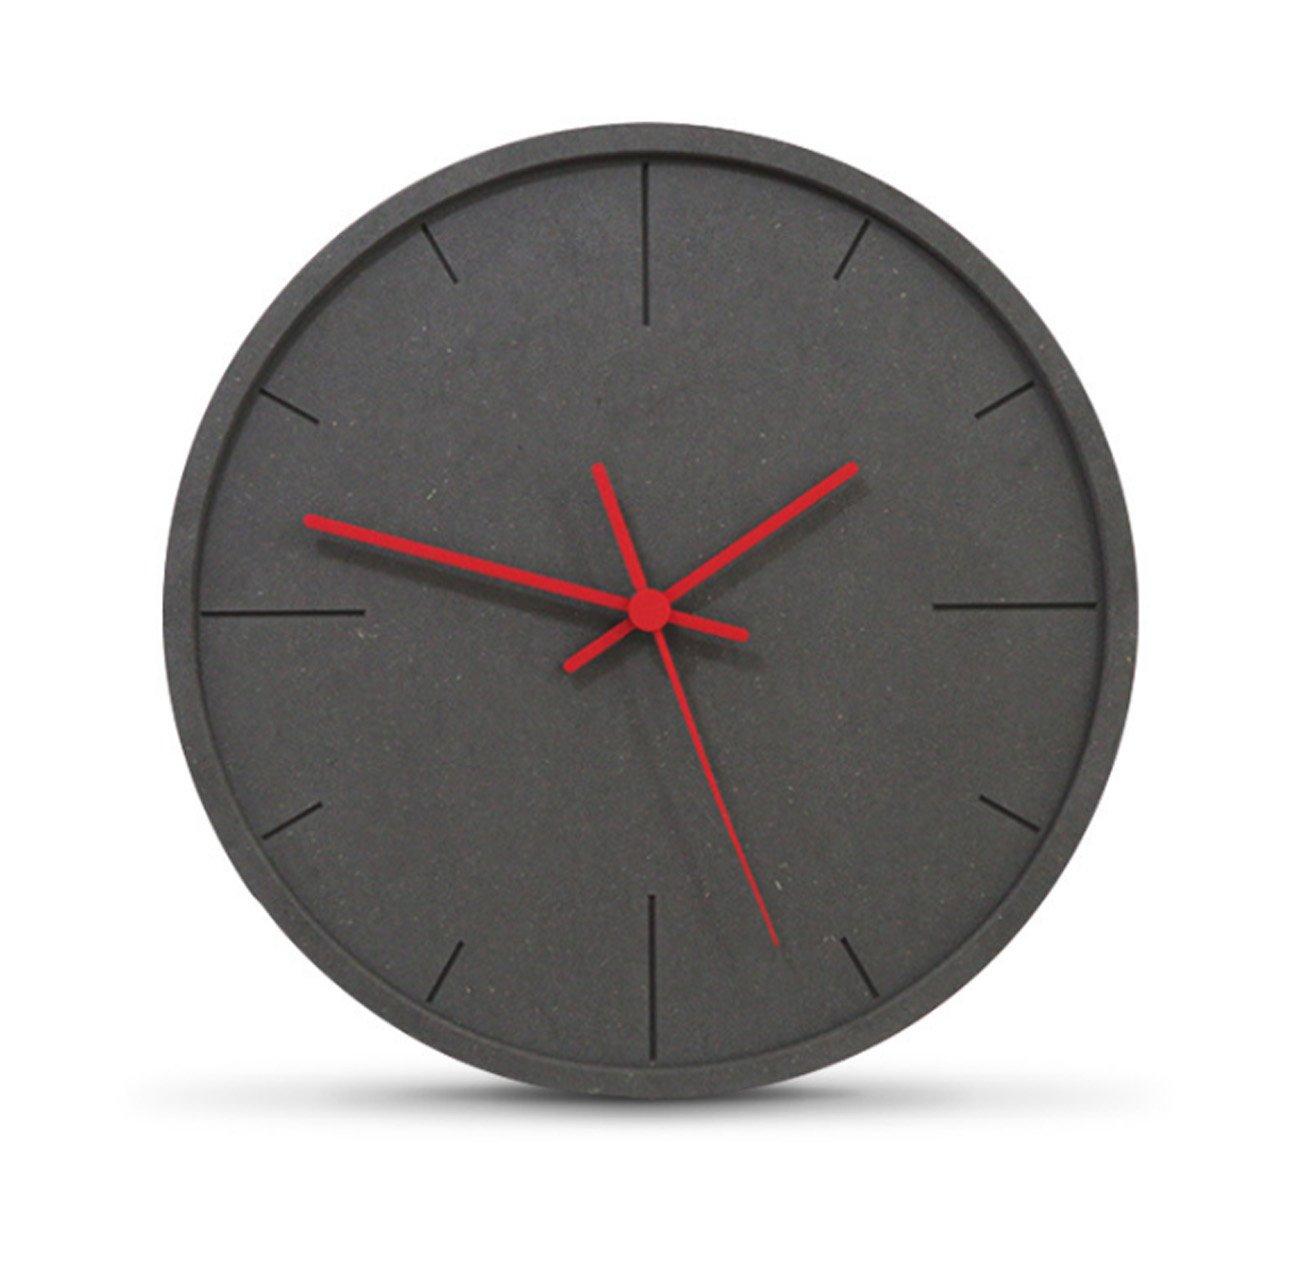 クロック パーソナリティシンプルな石英の壁時計、非点滅静かな木製の掛かる時計モダンなリビングルームベッドルームの壁の装飾時計(29.5 * 29.5センチメートル) ウォールオーナメント (色 : 赤) B07DYFX7Y5赤